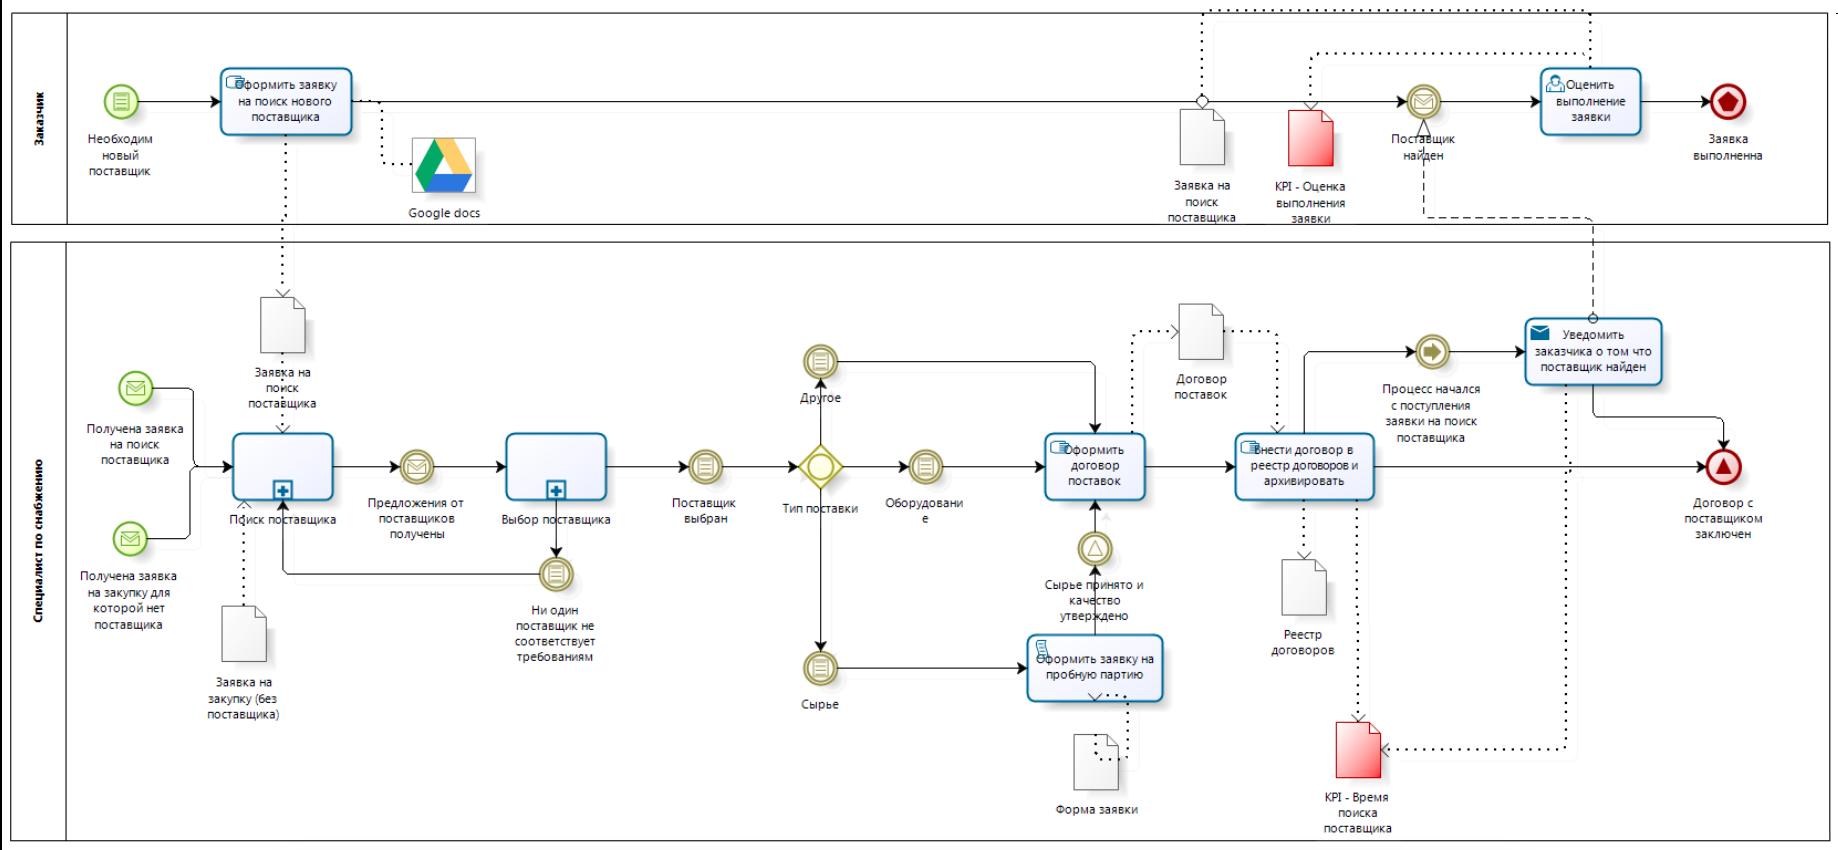 Модель процесса в нотации BPMN